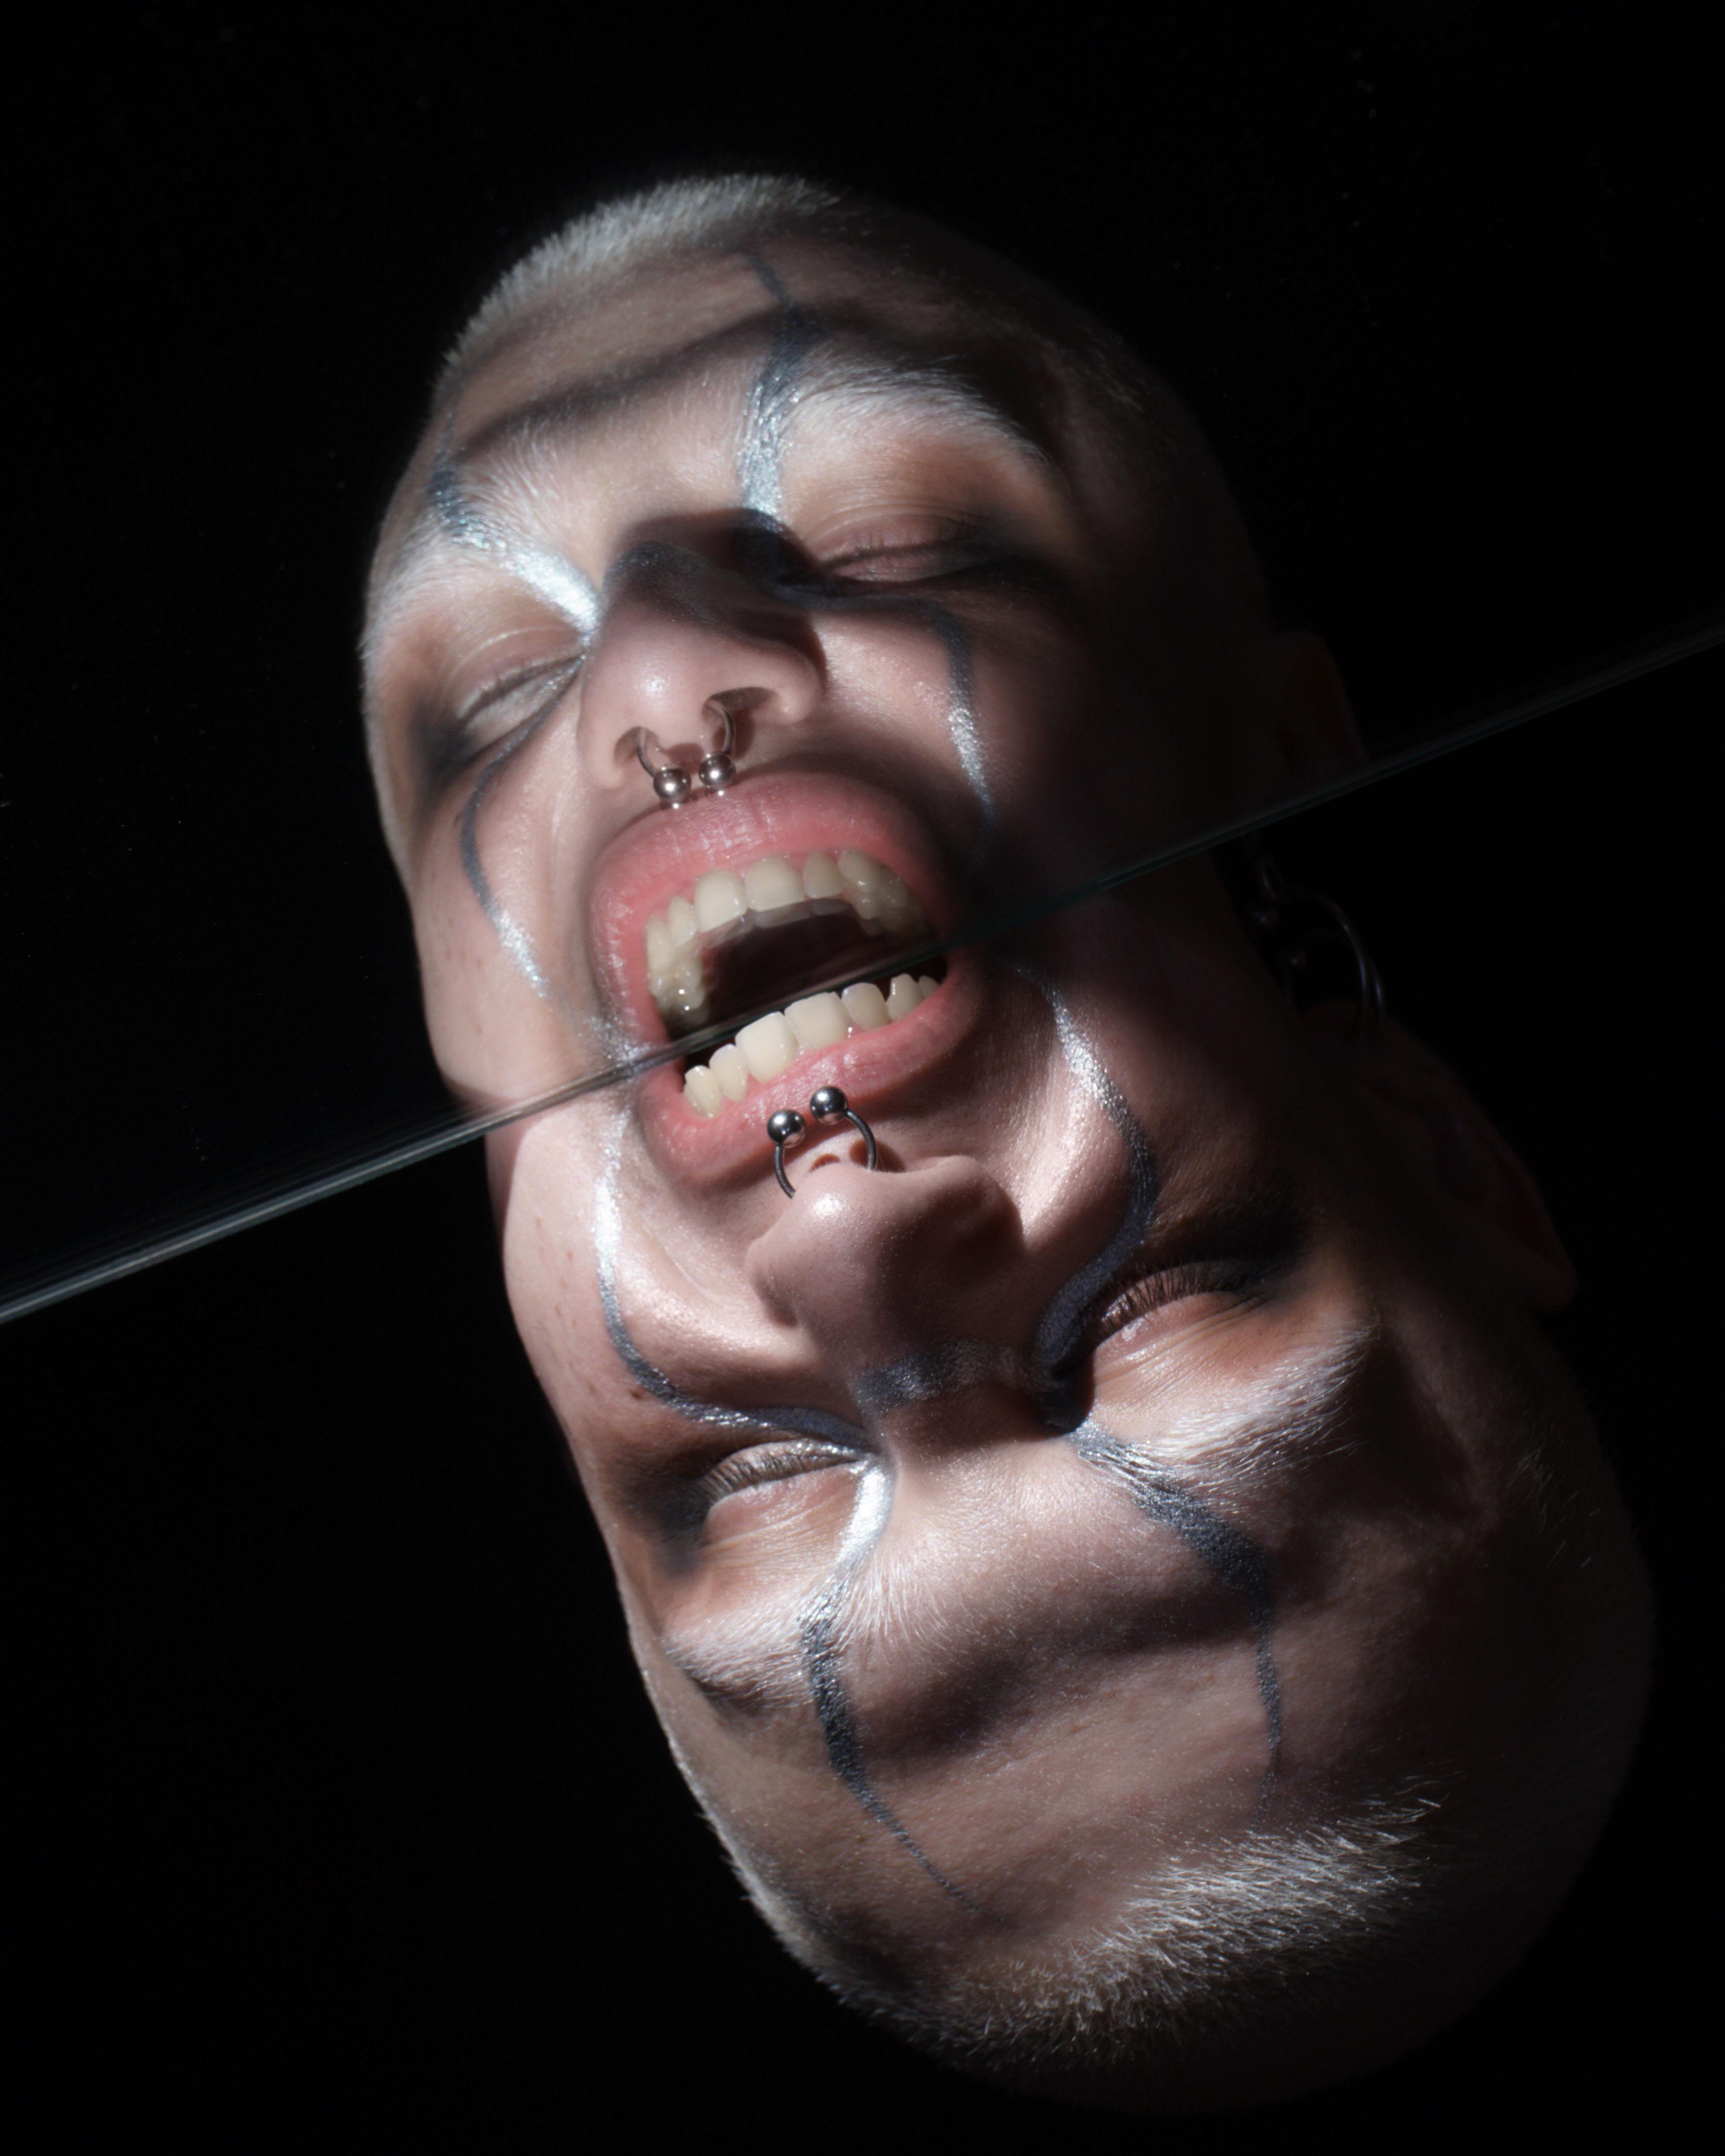 Бьюти-съемка: мнимые отражения в зеркале